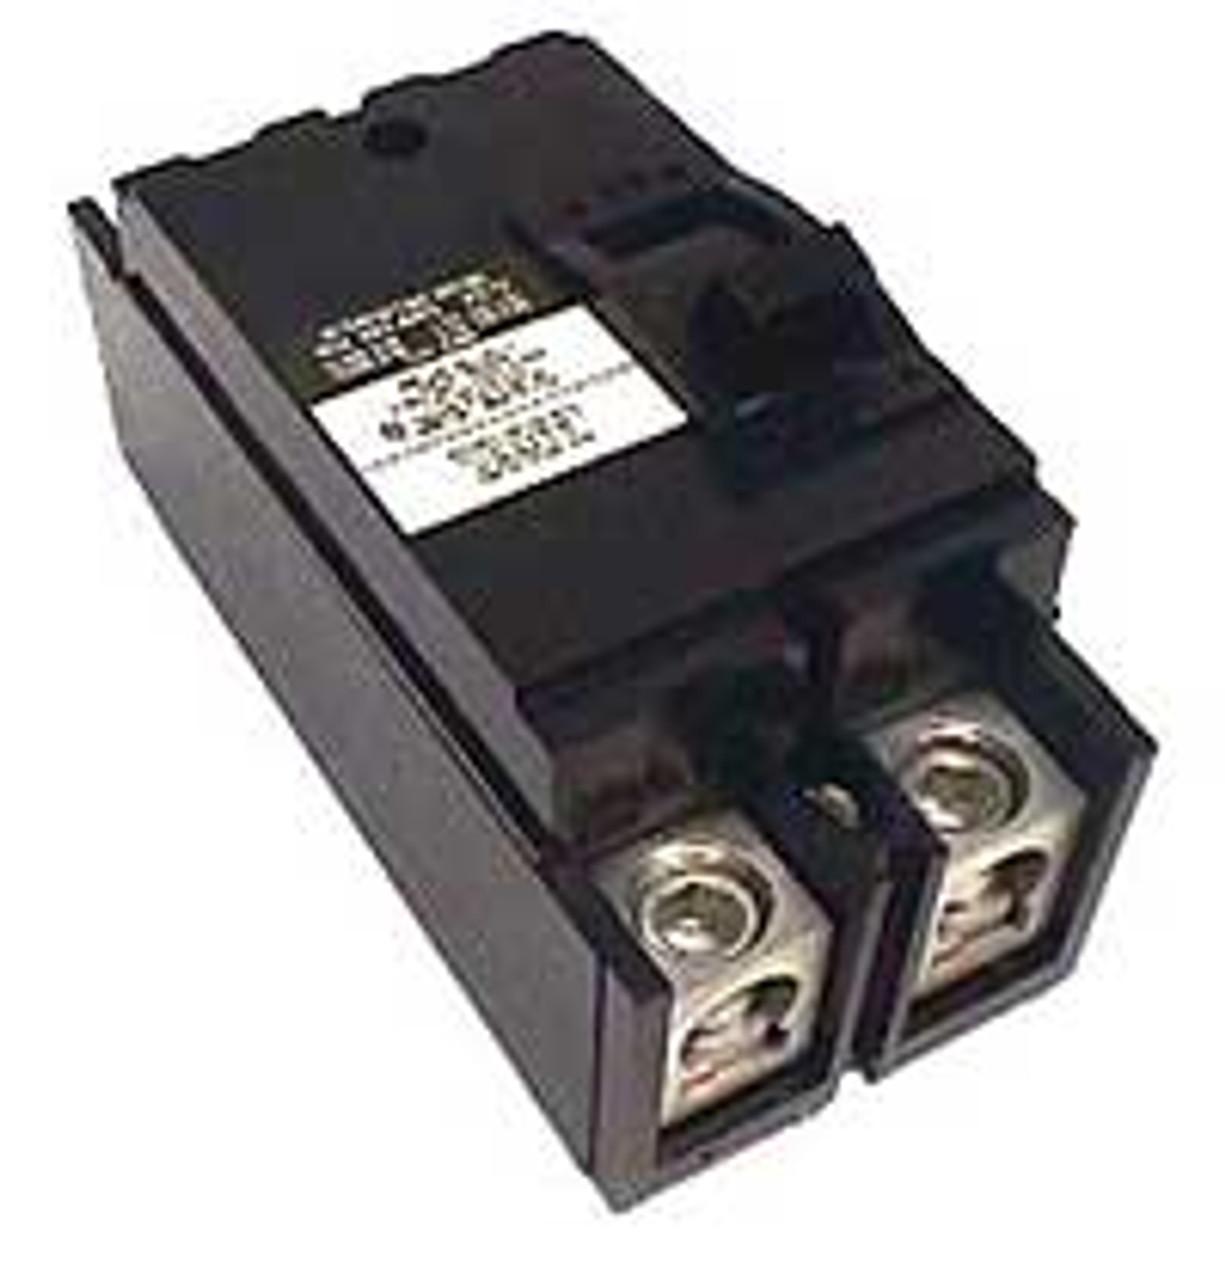 Square D Q2L2200 2 Pole 200 Amp 240VAC 10K MC Circuit Breaker - Used